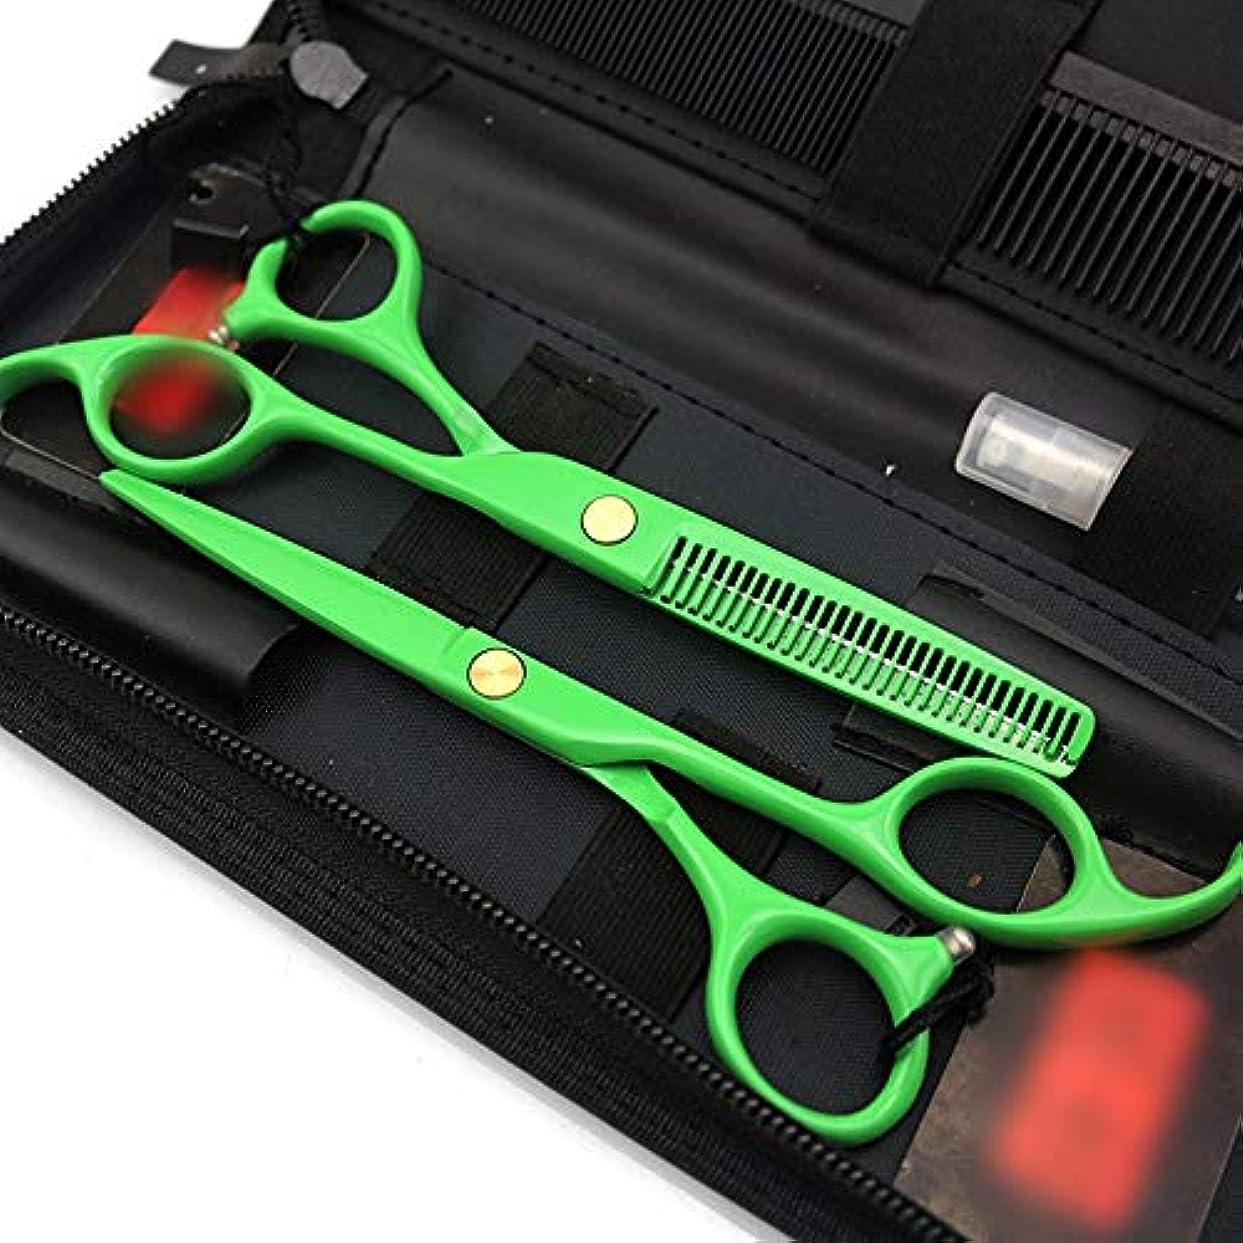 クリスマス作る時間とともに5.5インチプロフェッショナル理髪はさみセット、電気メッキグリーンフラット+歯はさみ モデリングツール (色 : オレンジ)